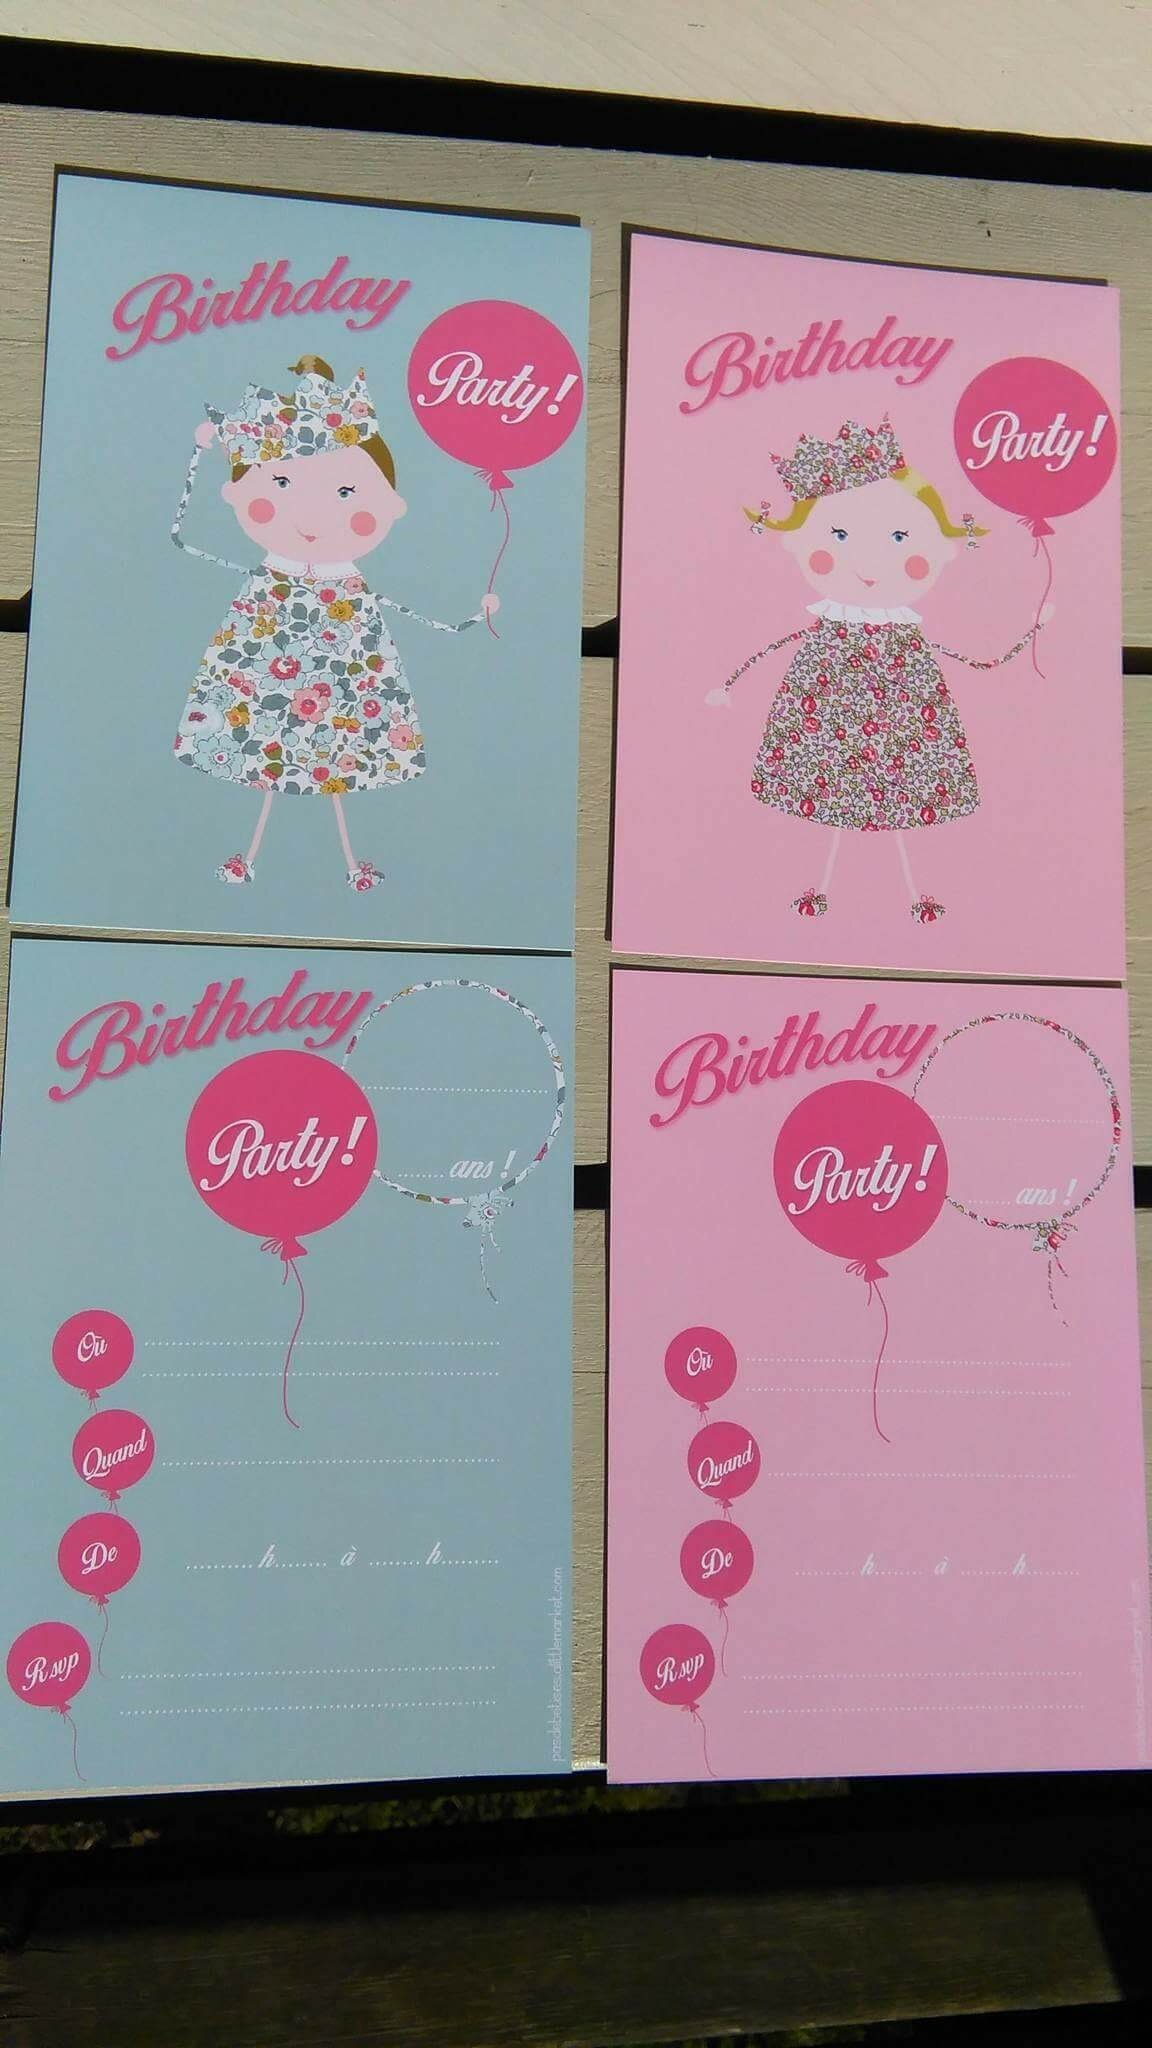 Un anniversaire qui se prépare : cartons, déco, cadeaux...